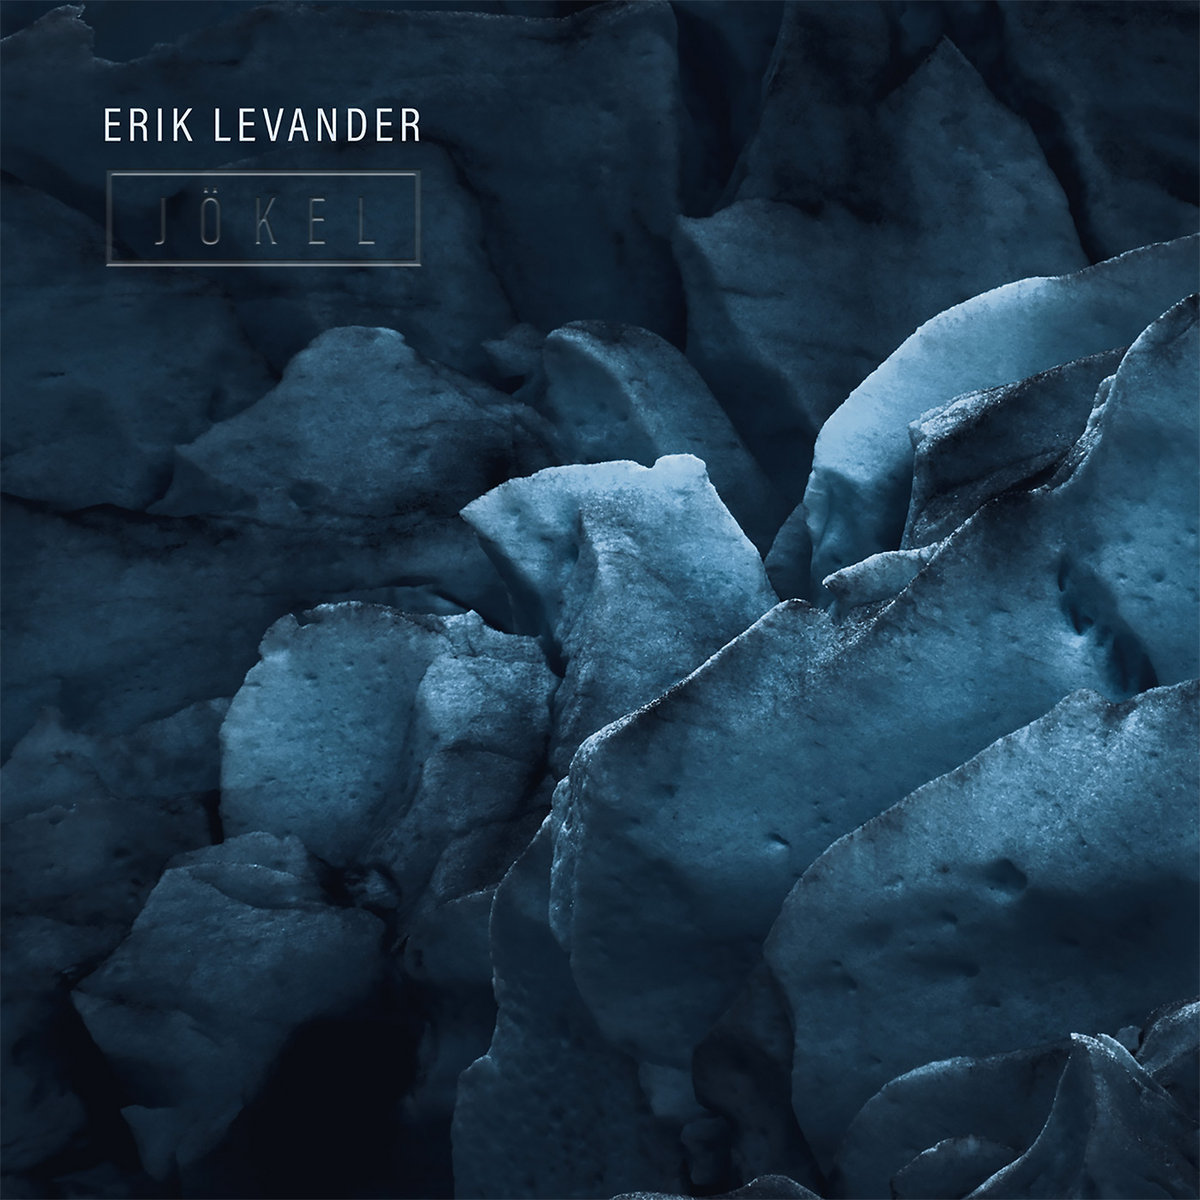 Erik-Levander-JOKEL.jpeg